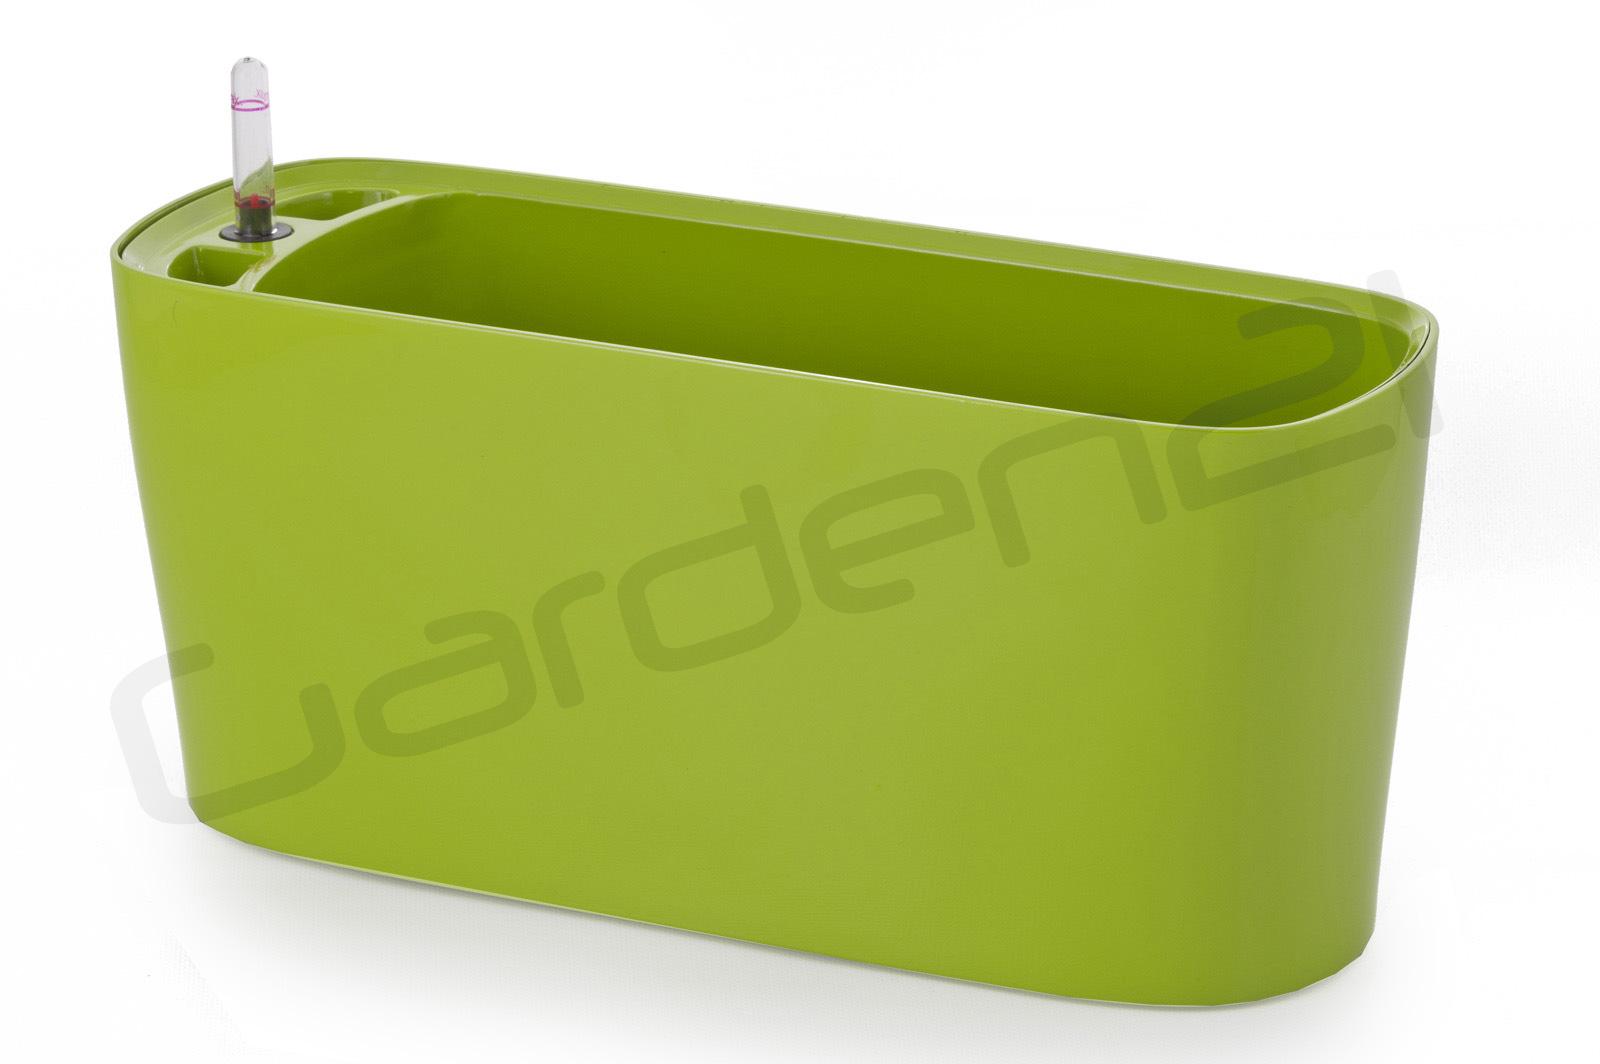 Samozavlažovací květináč G21 Combi mini zelený 40cm